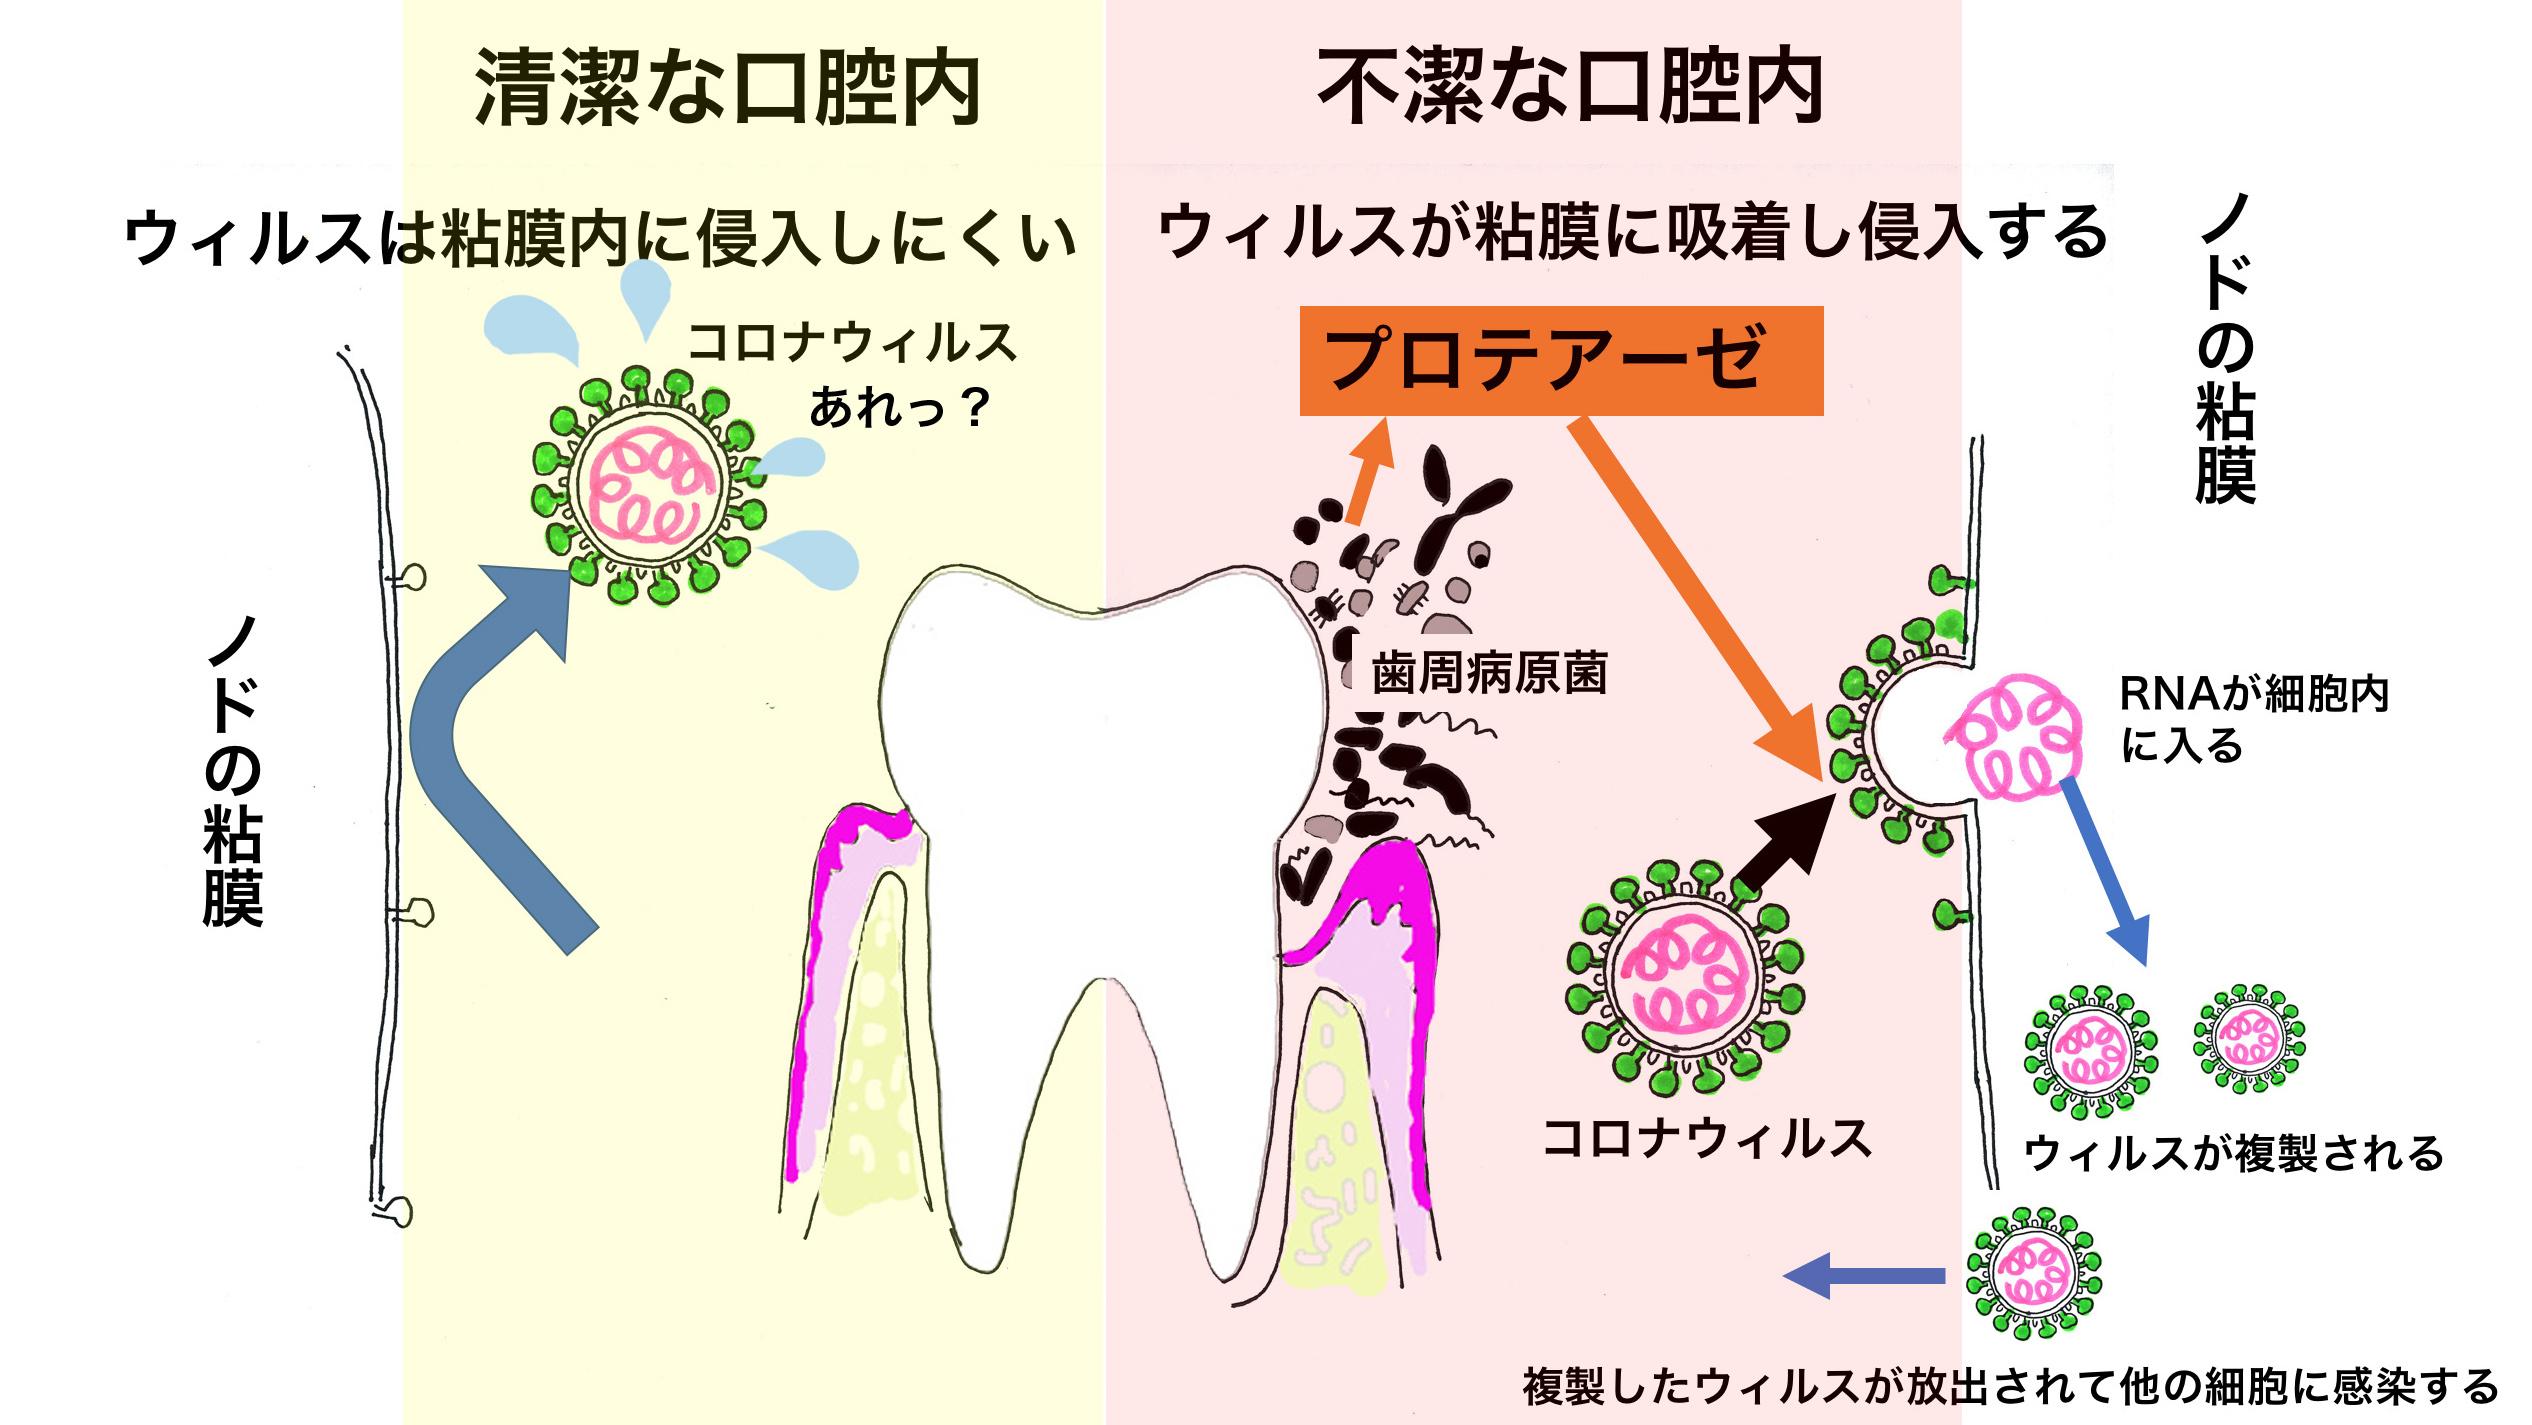 COVID-19(新型コロナウィルス感染症)予防にも歯みがきがとても重要!